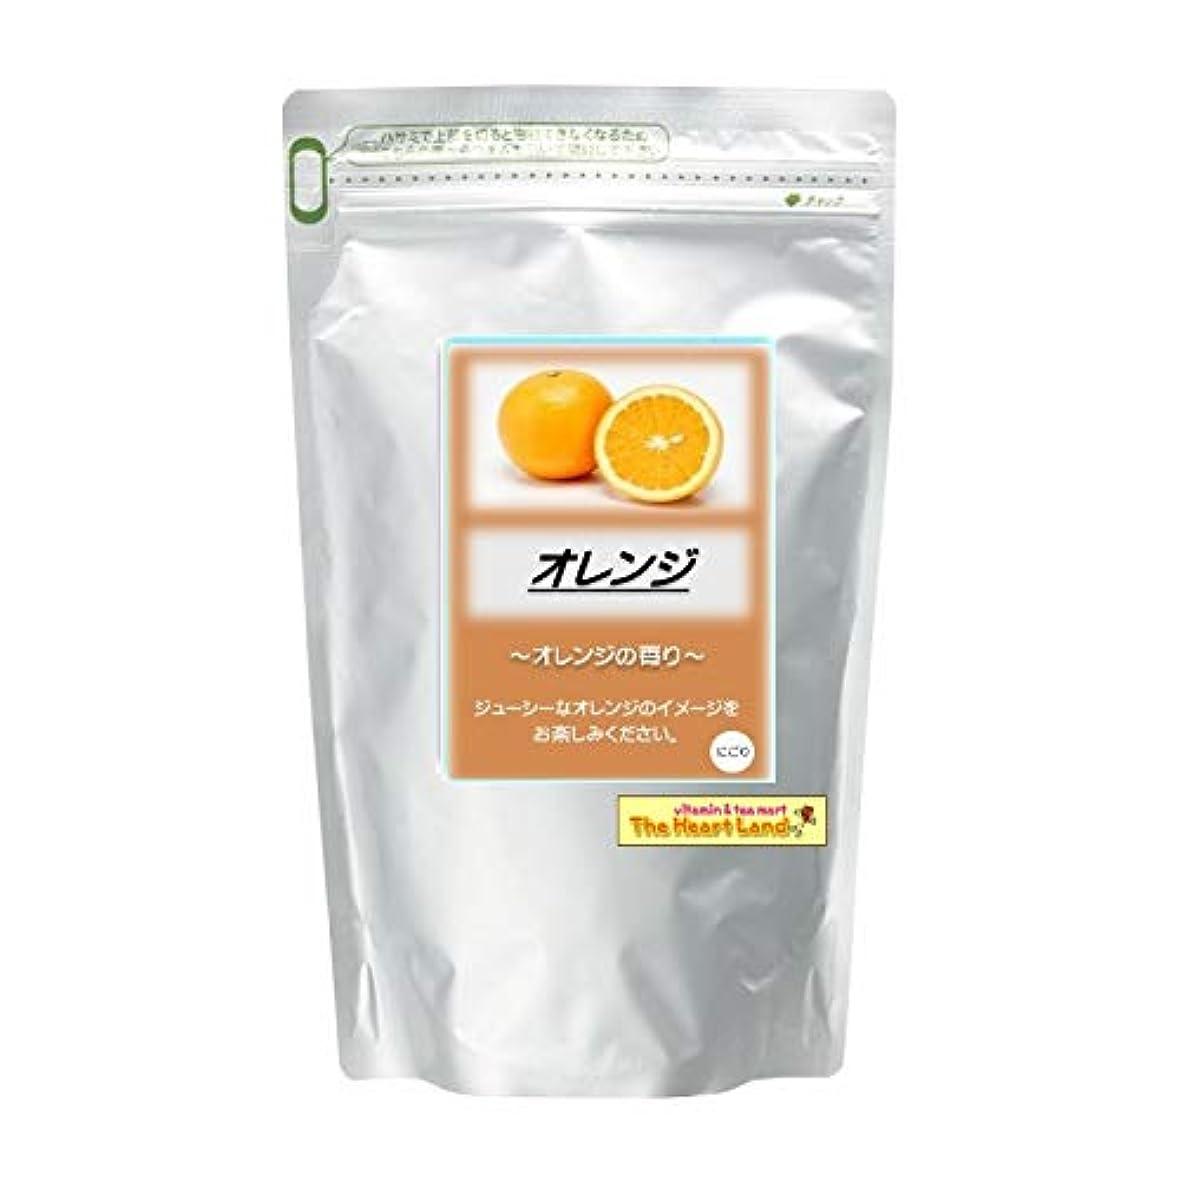 対角線導入する容器アサヒ入浴剤 浴用入浴化粧品 オレンジ 300g